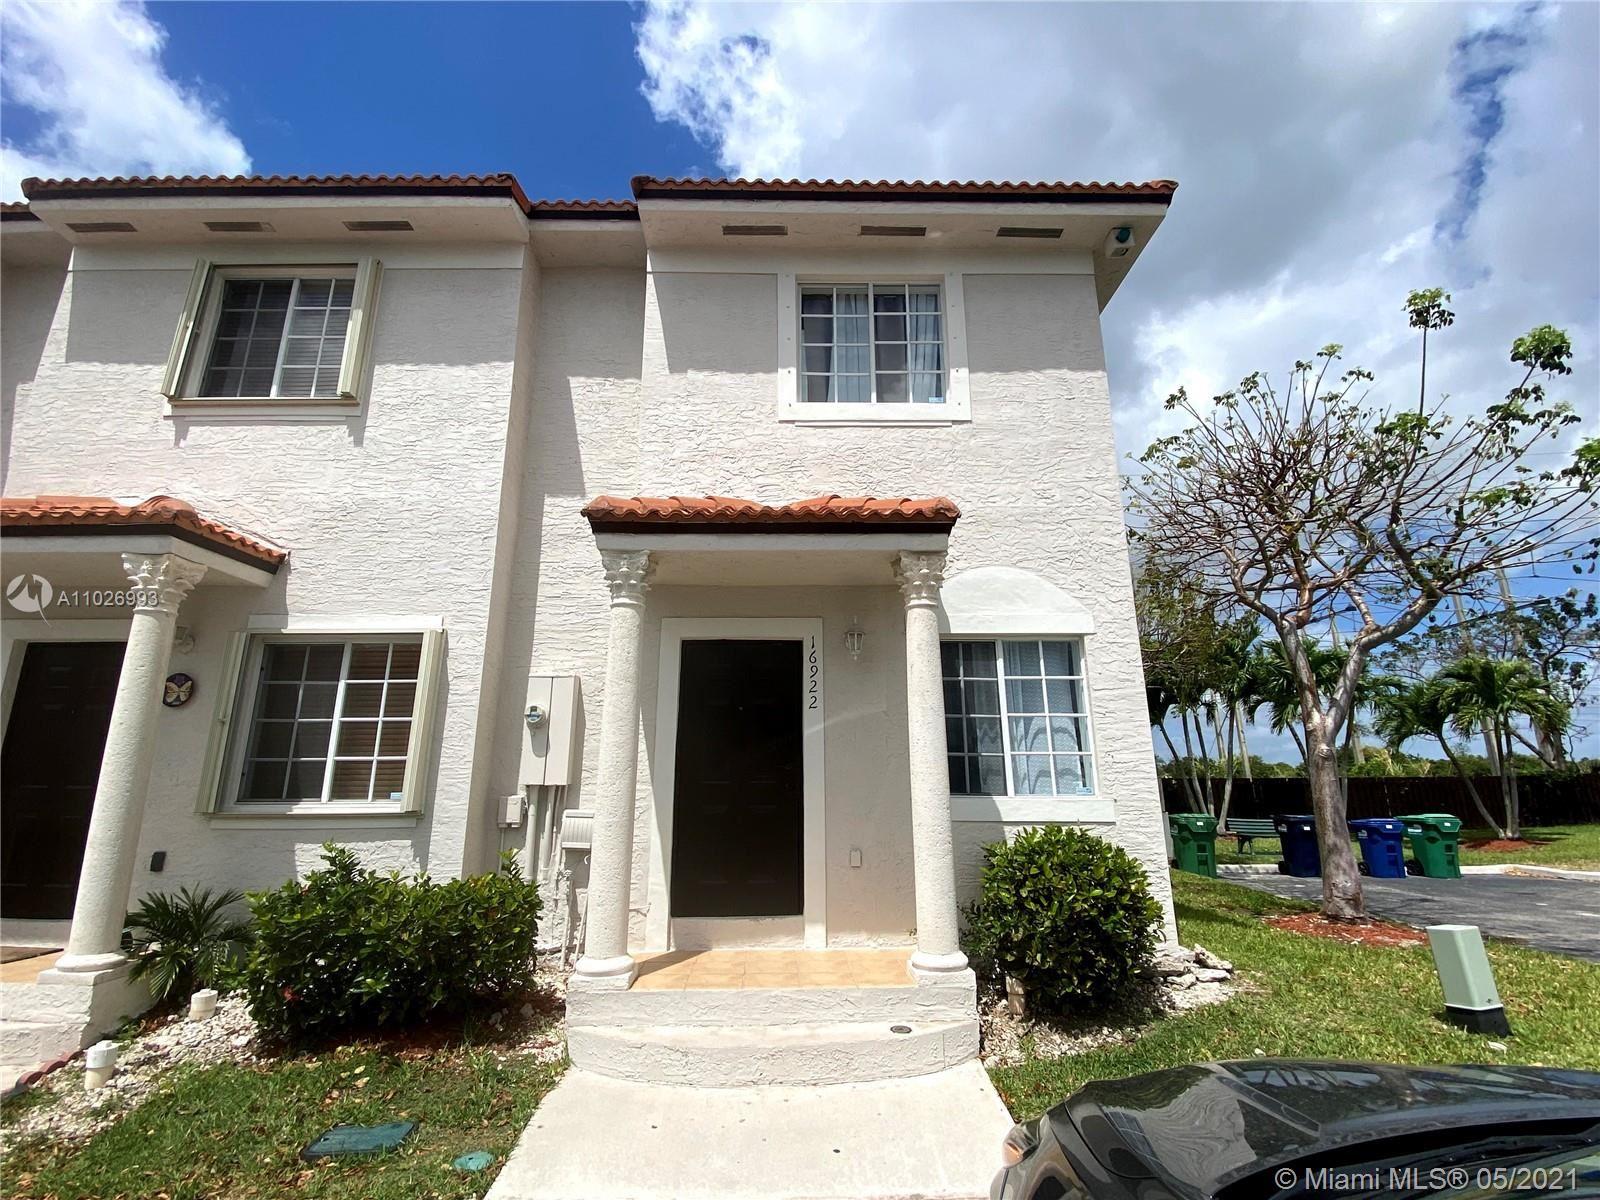 16922 SW 138th Ct, Miami, FL 33177 - #: A11026993